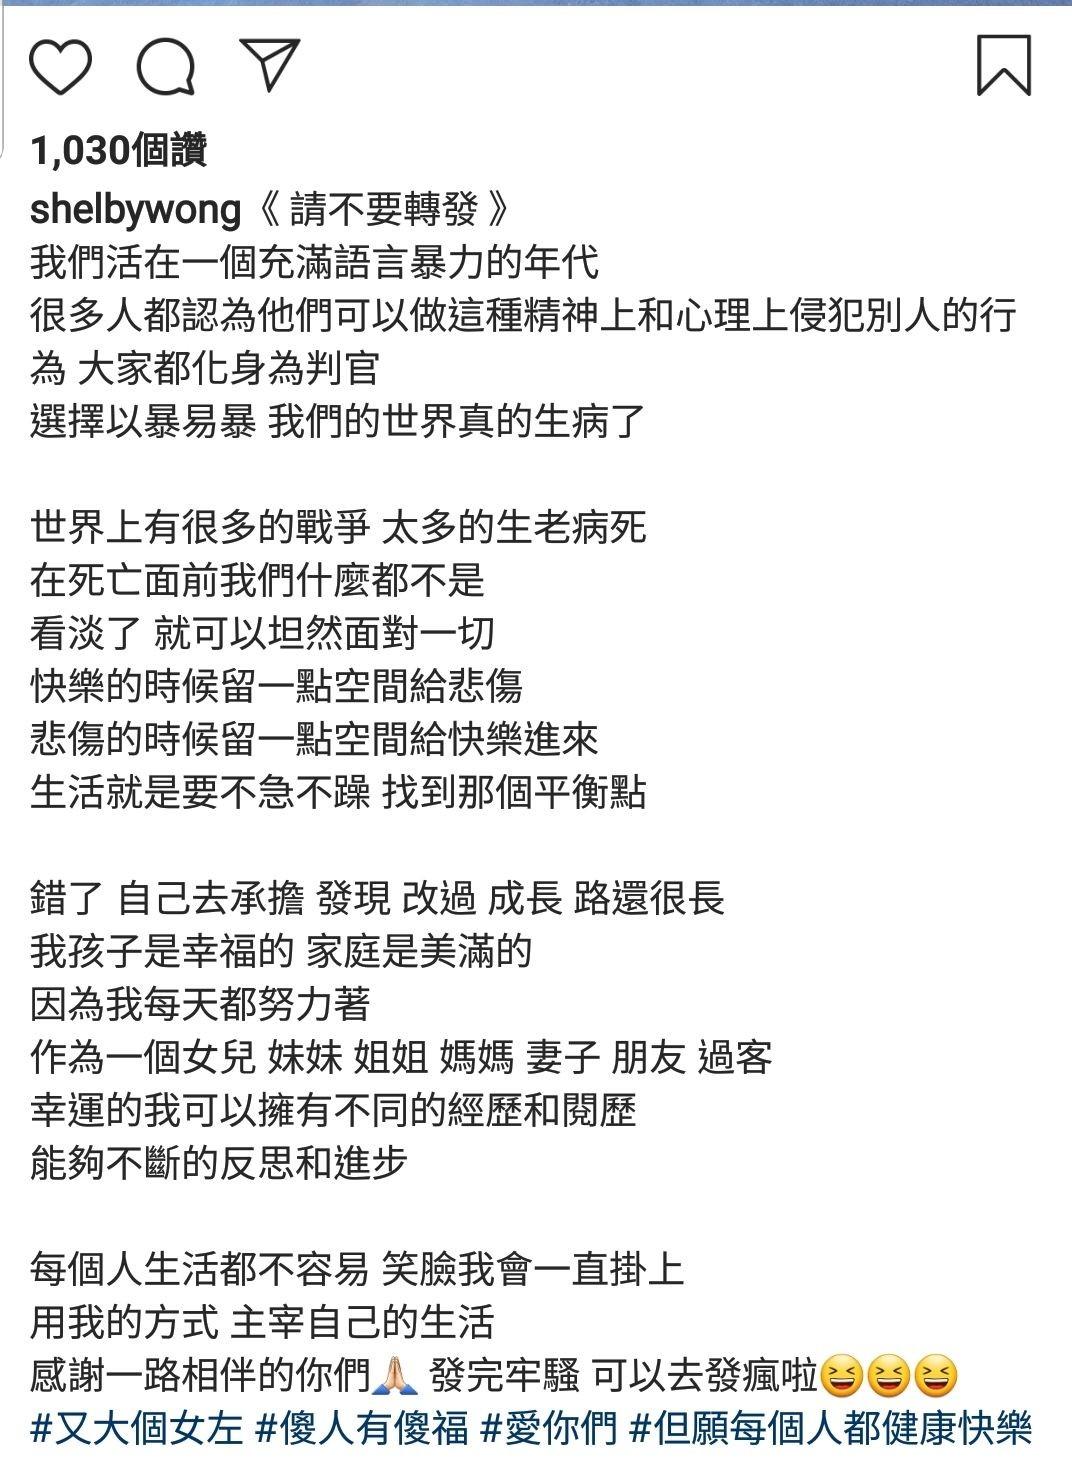 ▲黃心穎姐姐發文。(圖/翻攝自IG/黃心妙)